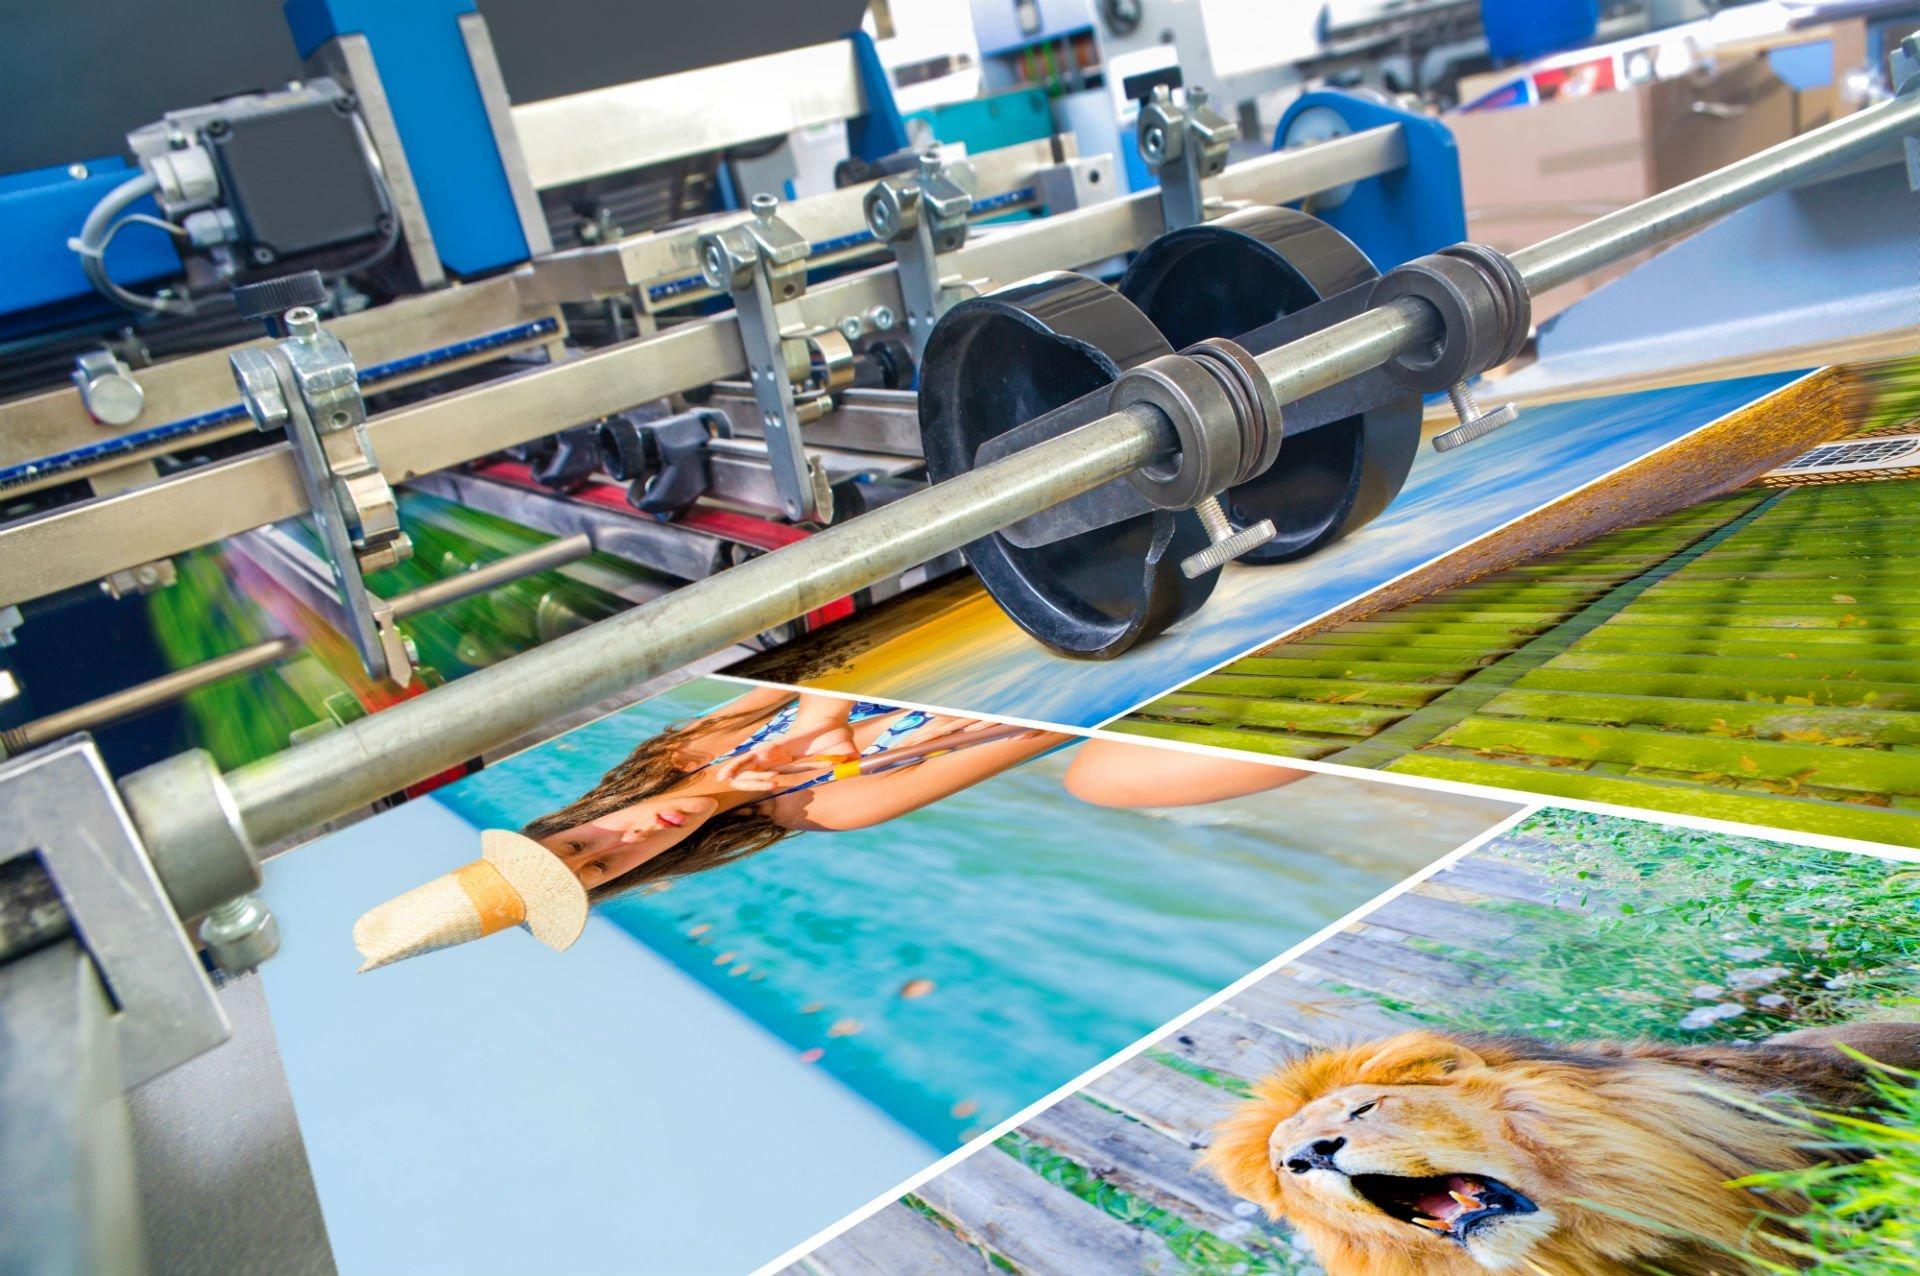 una stampante che stampa un foglio con delle immagini